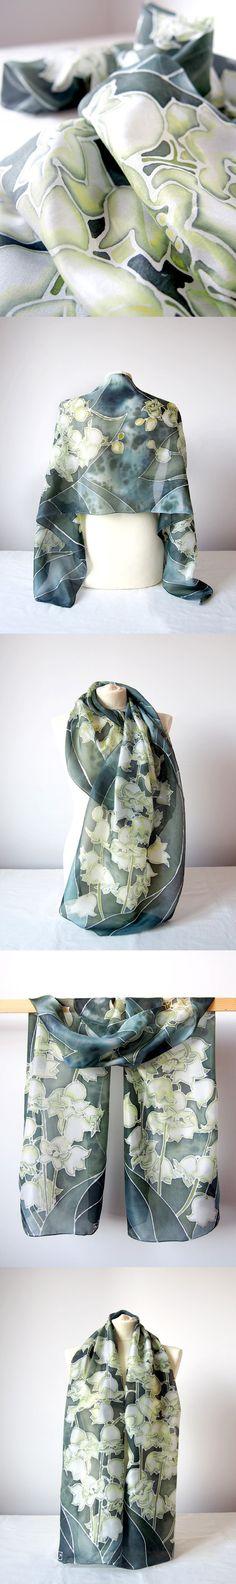 Silk Square Scarf - Calla Lillies Mini by VIDA VIDA xObw2lA